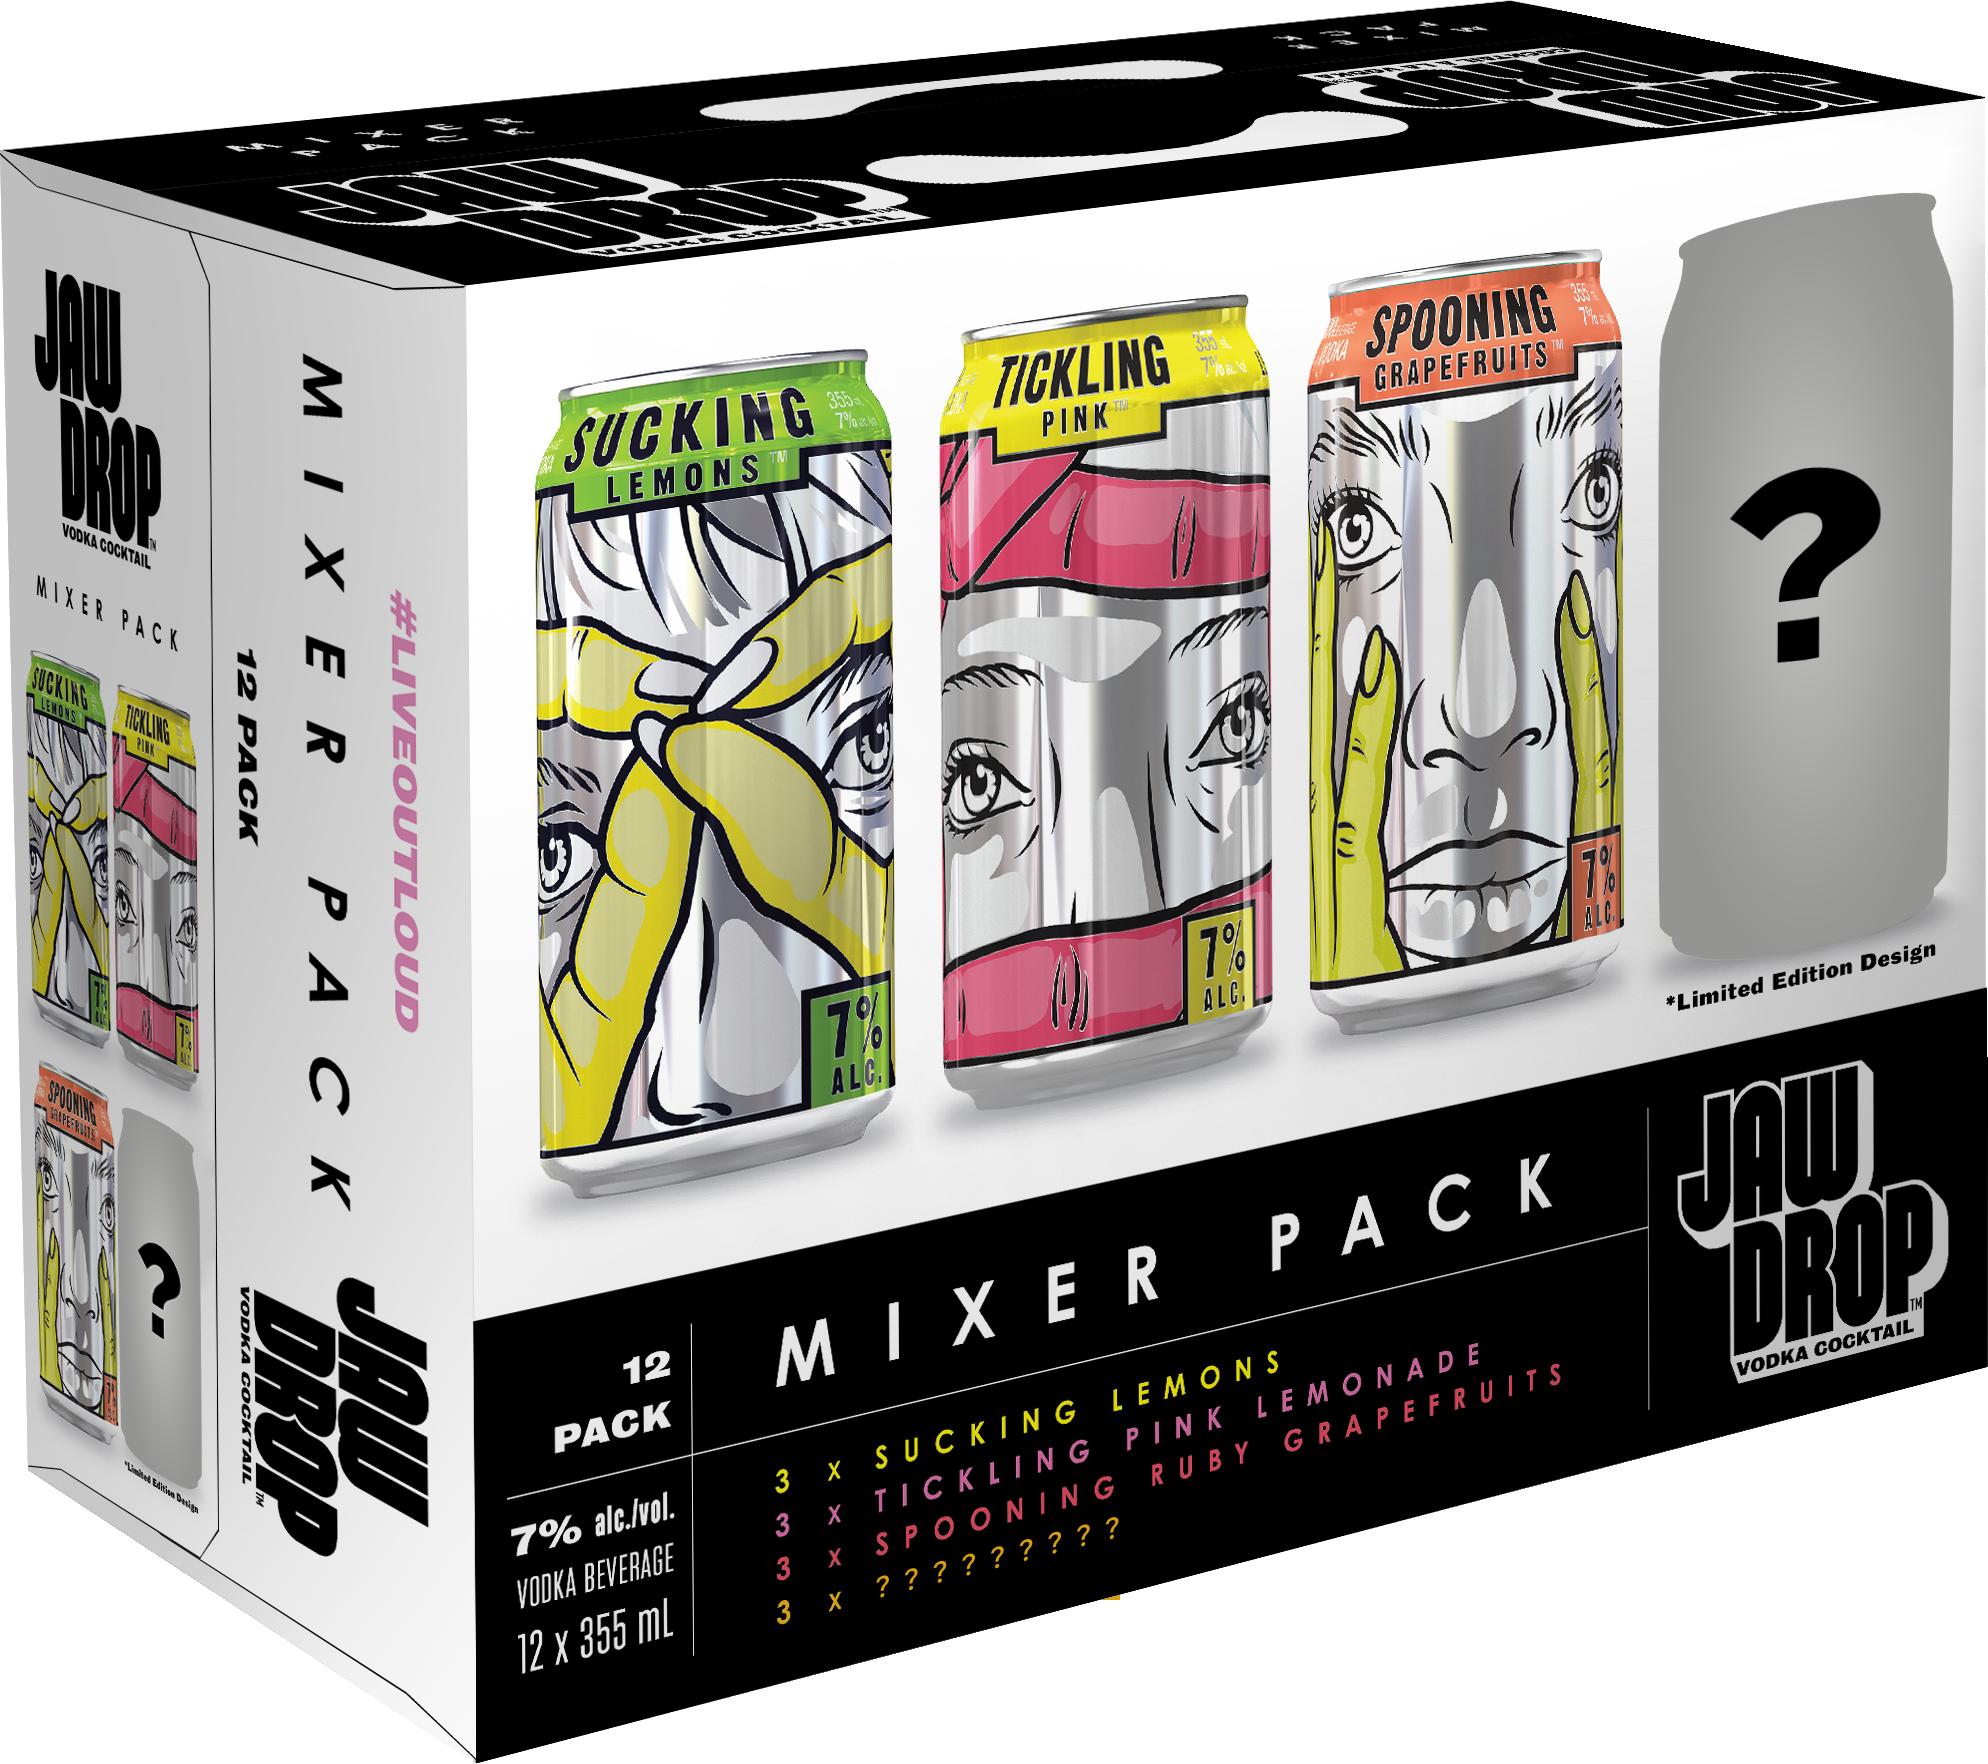 Jaw Drop Mixer Pack